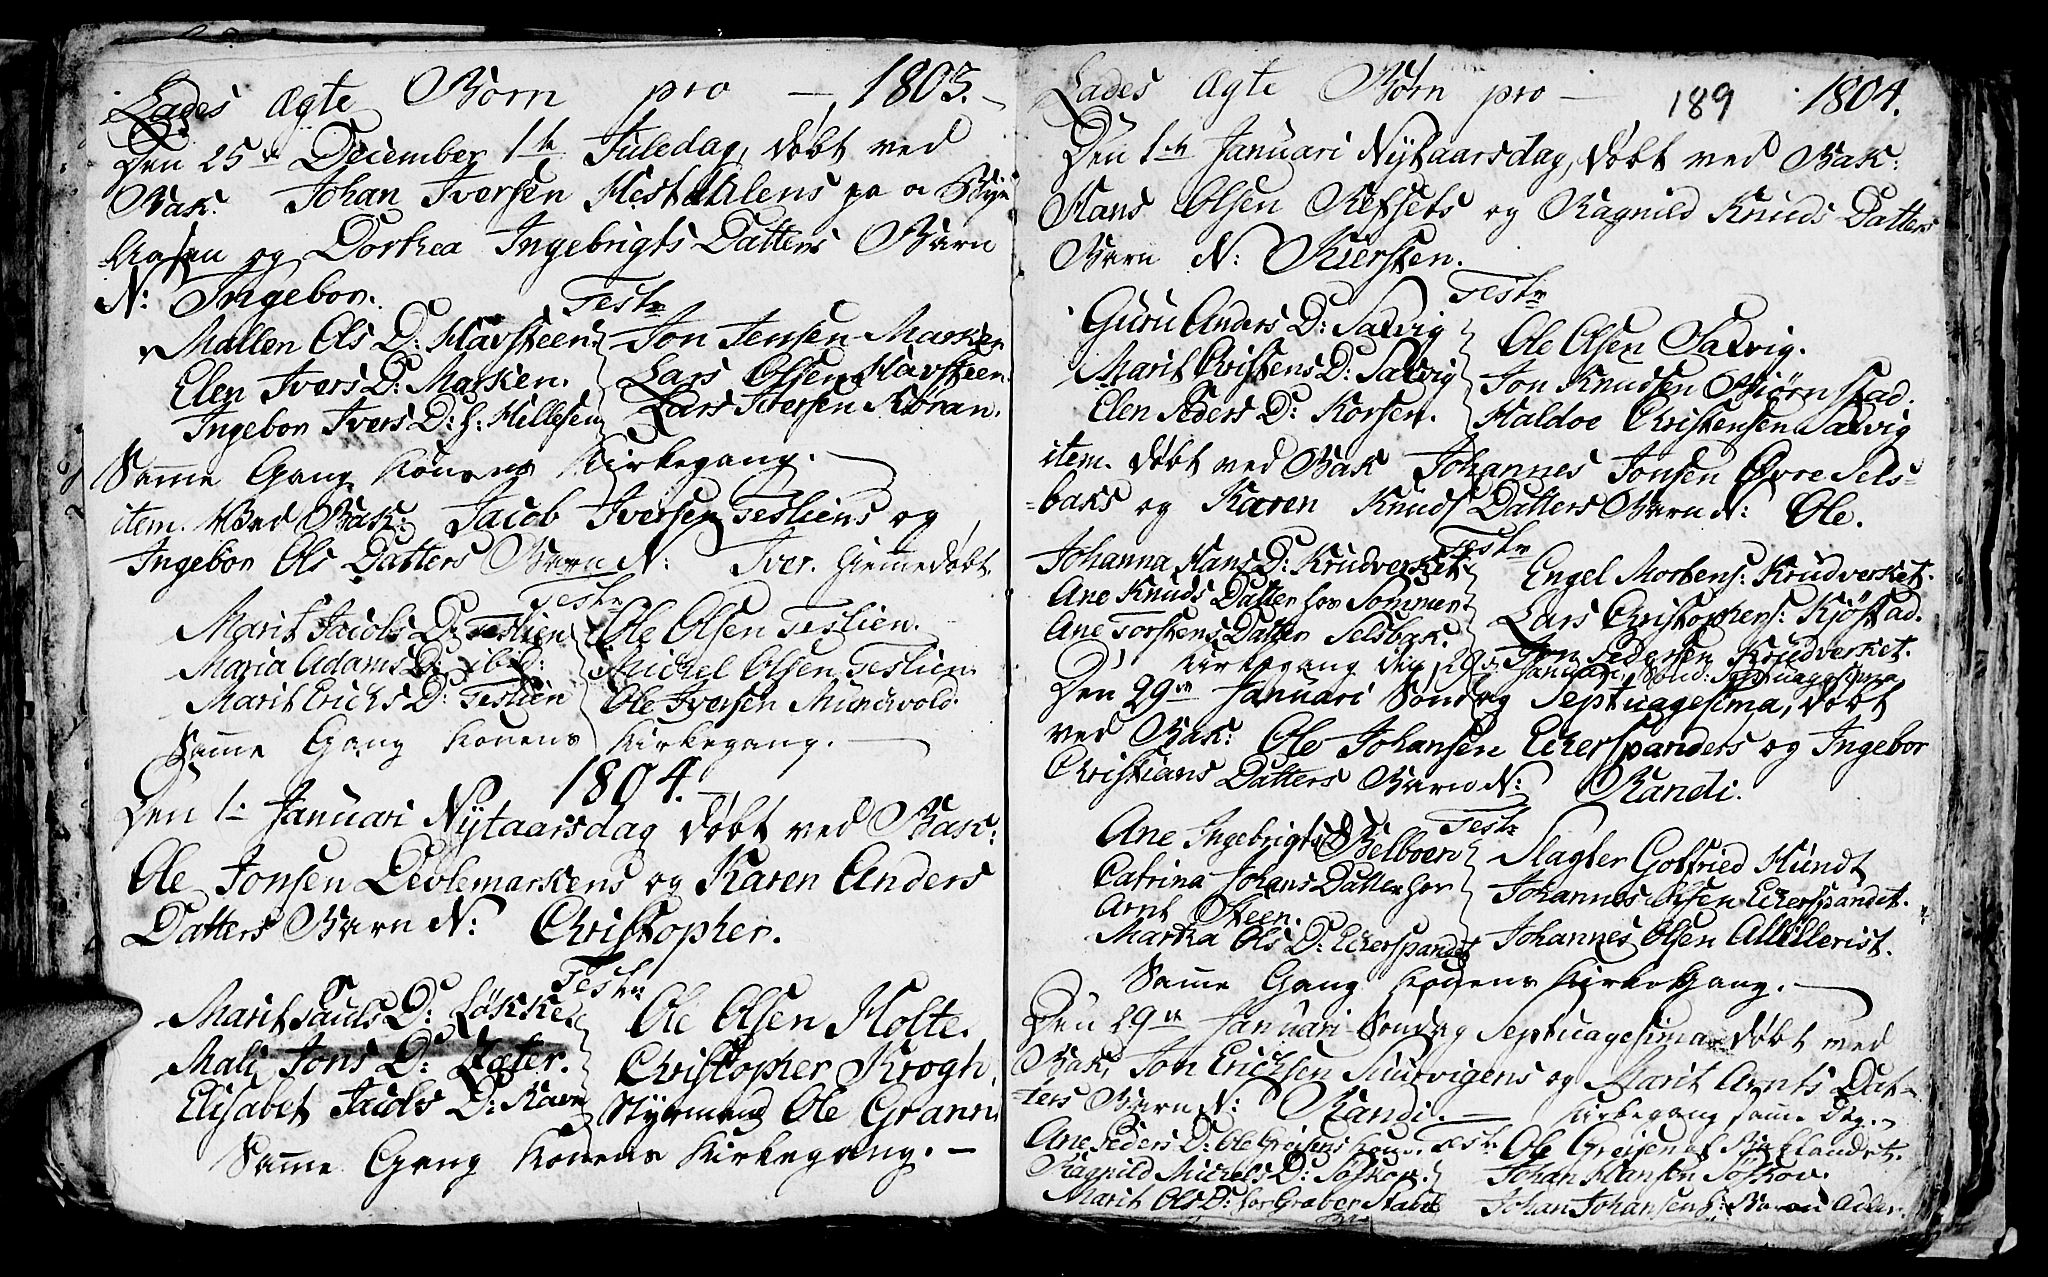 SAT, Ministerialprotokoller, klokkerbøker og fødselsregistre - Sør-Trøndelag, 606/L0305: Klokkerbok nr. 606C01, 1757-1819, s. 189